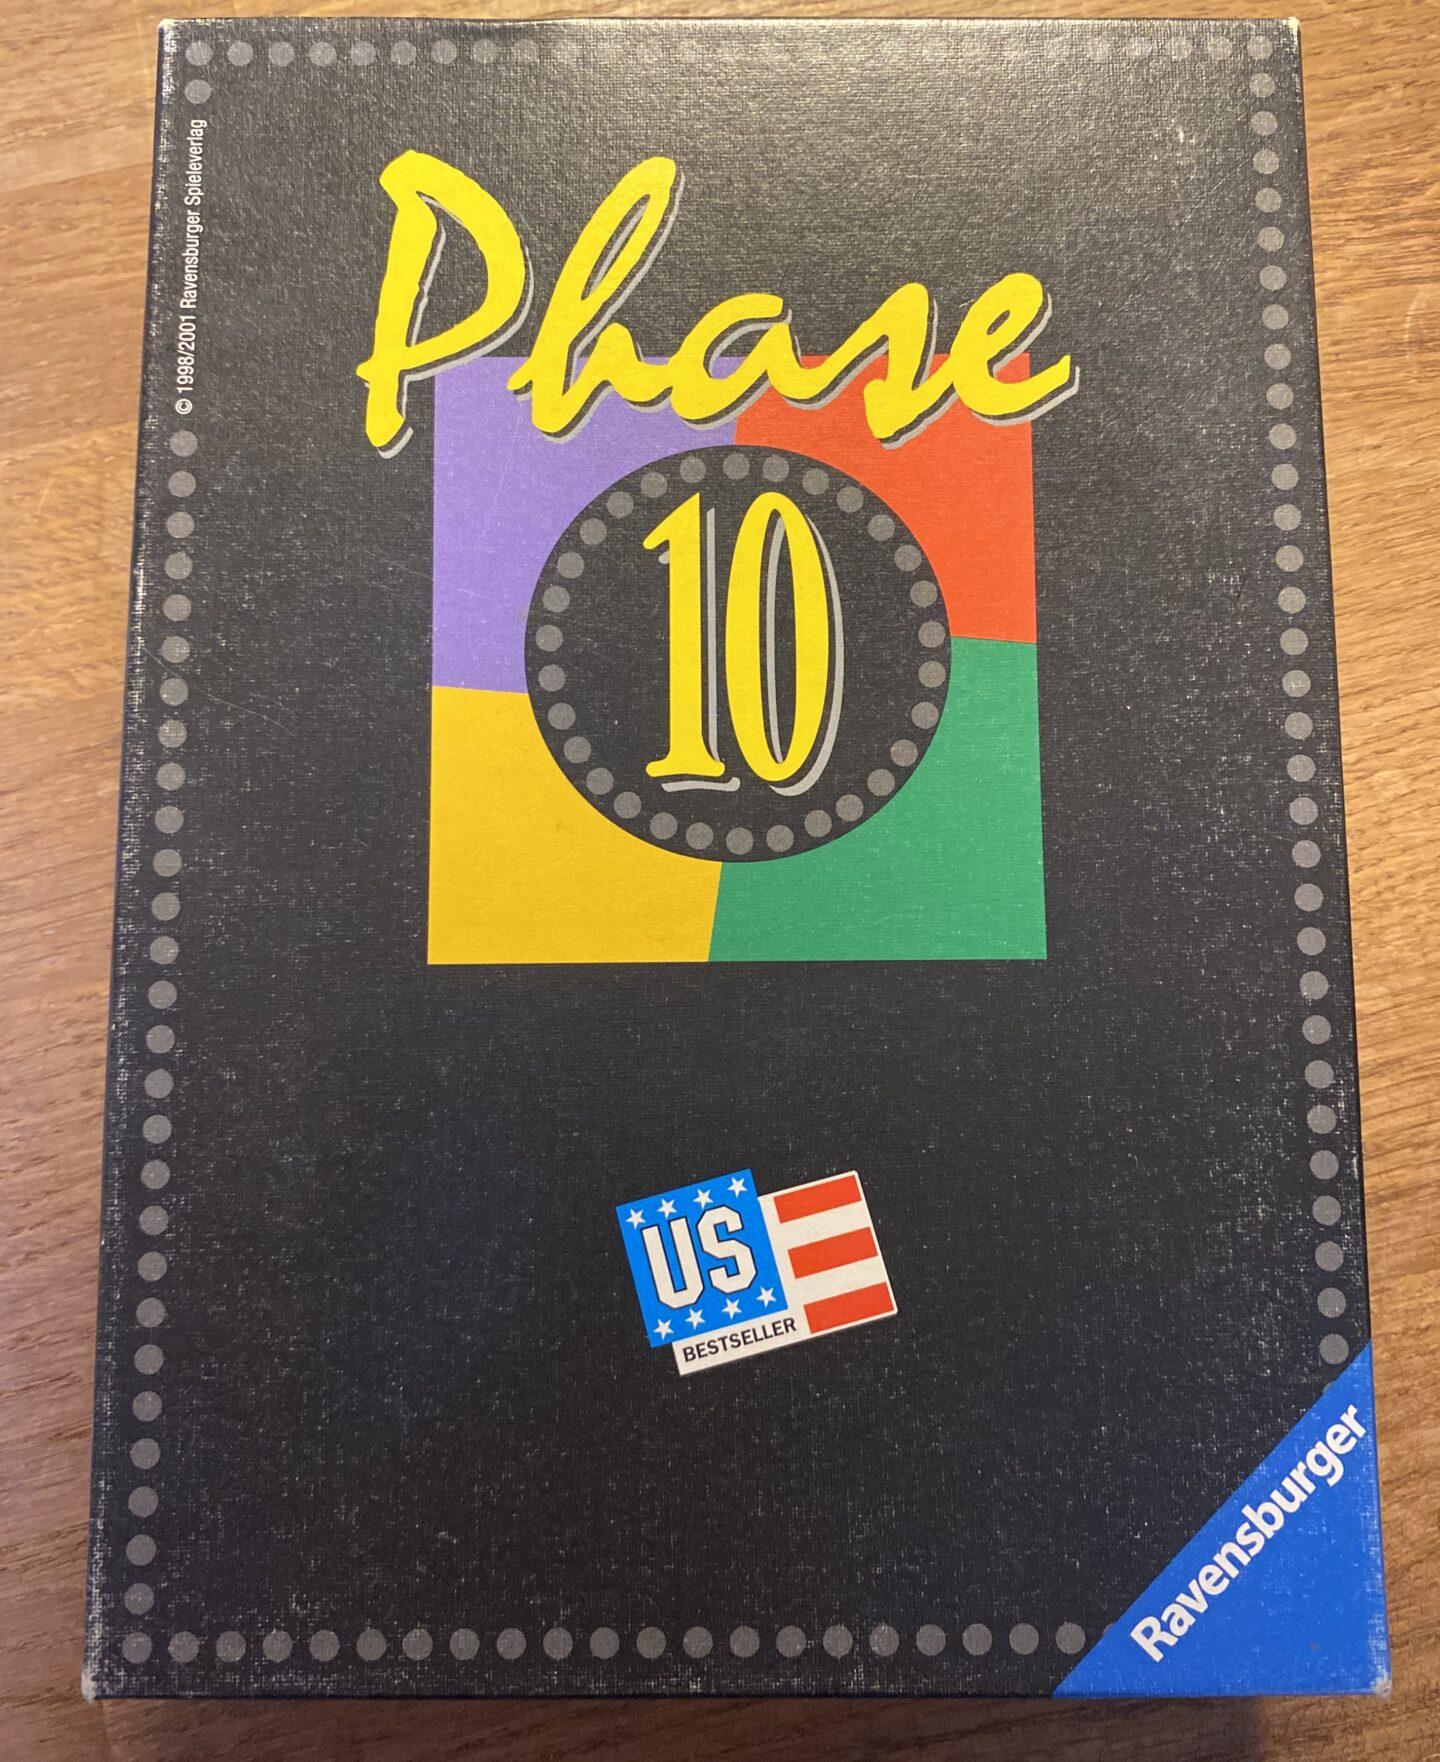 Phase 10 Spiel – Spielregeln & Spielverlauf, Phasen